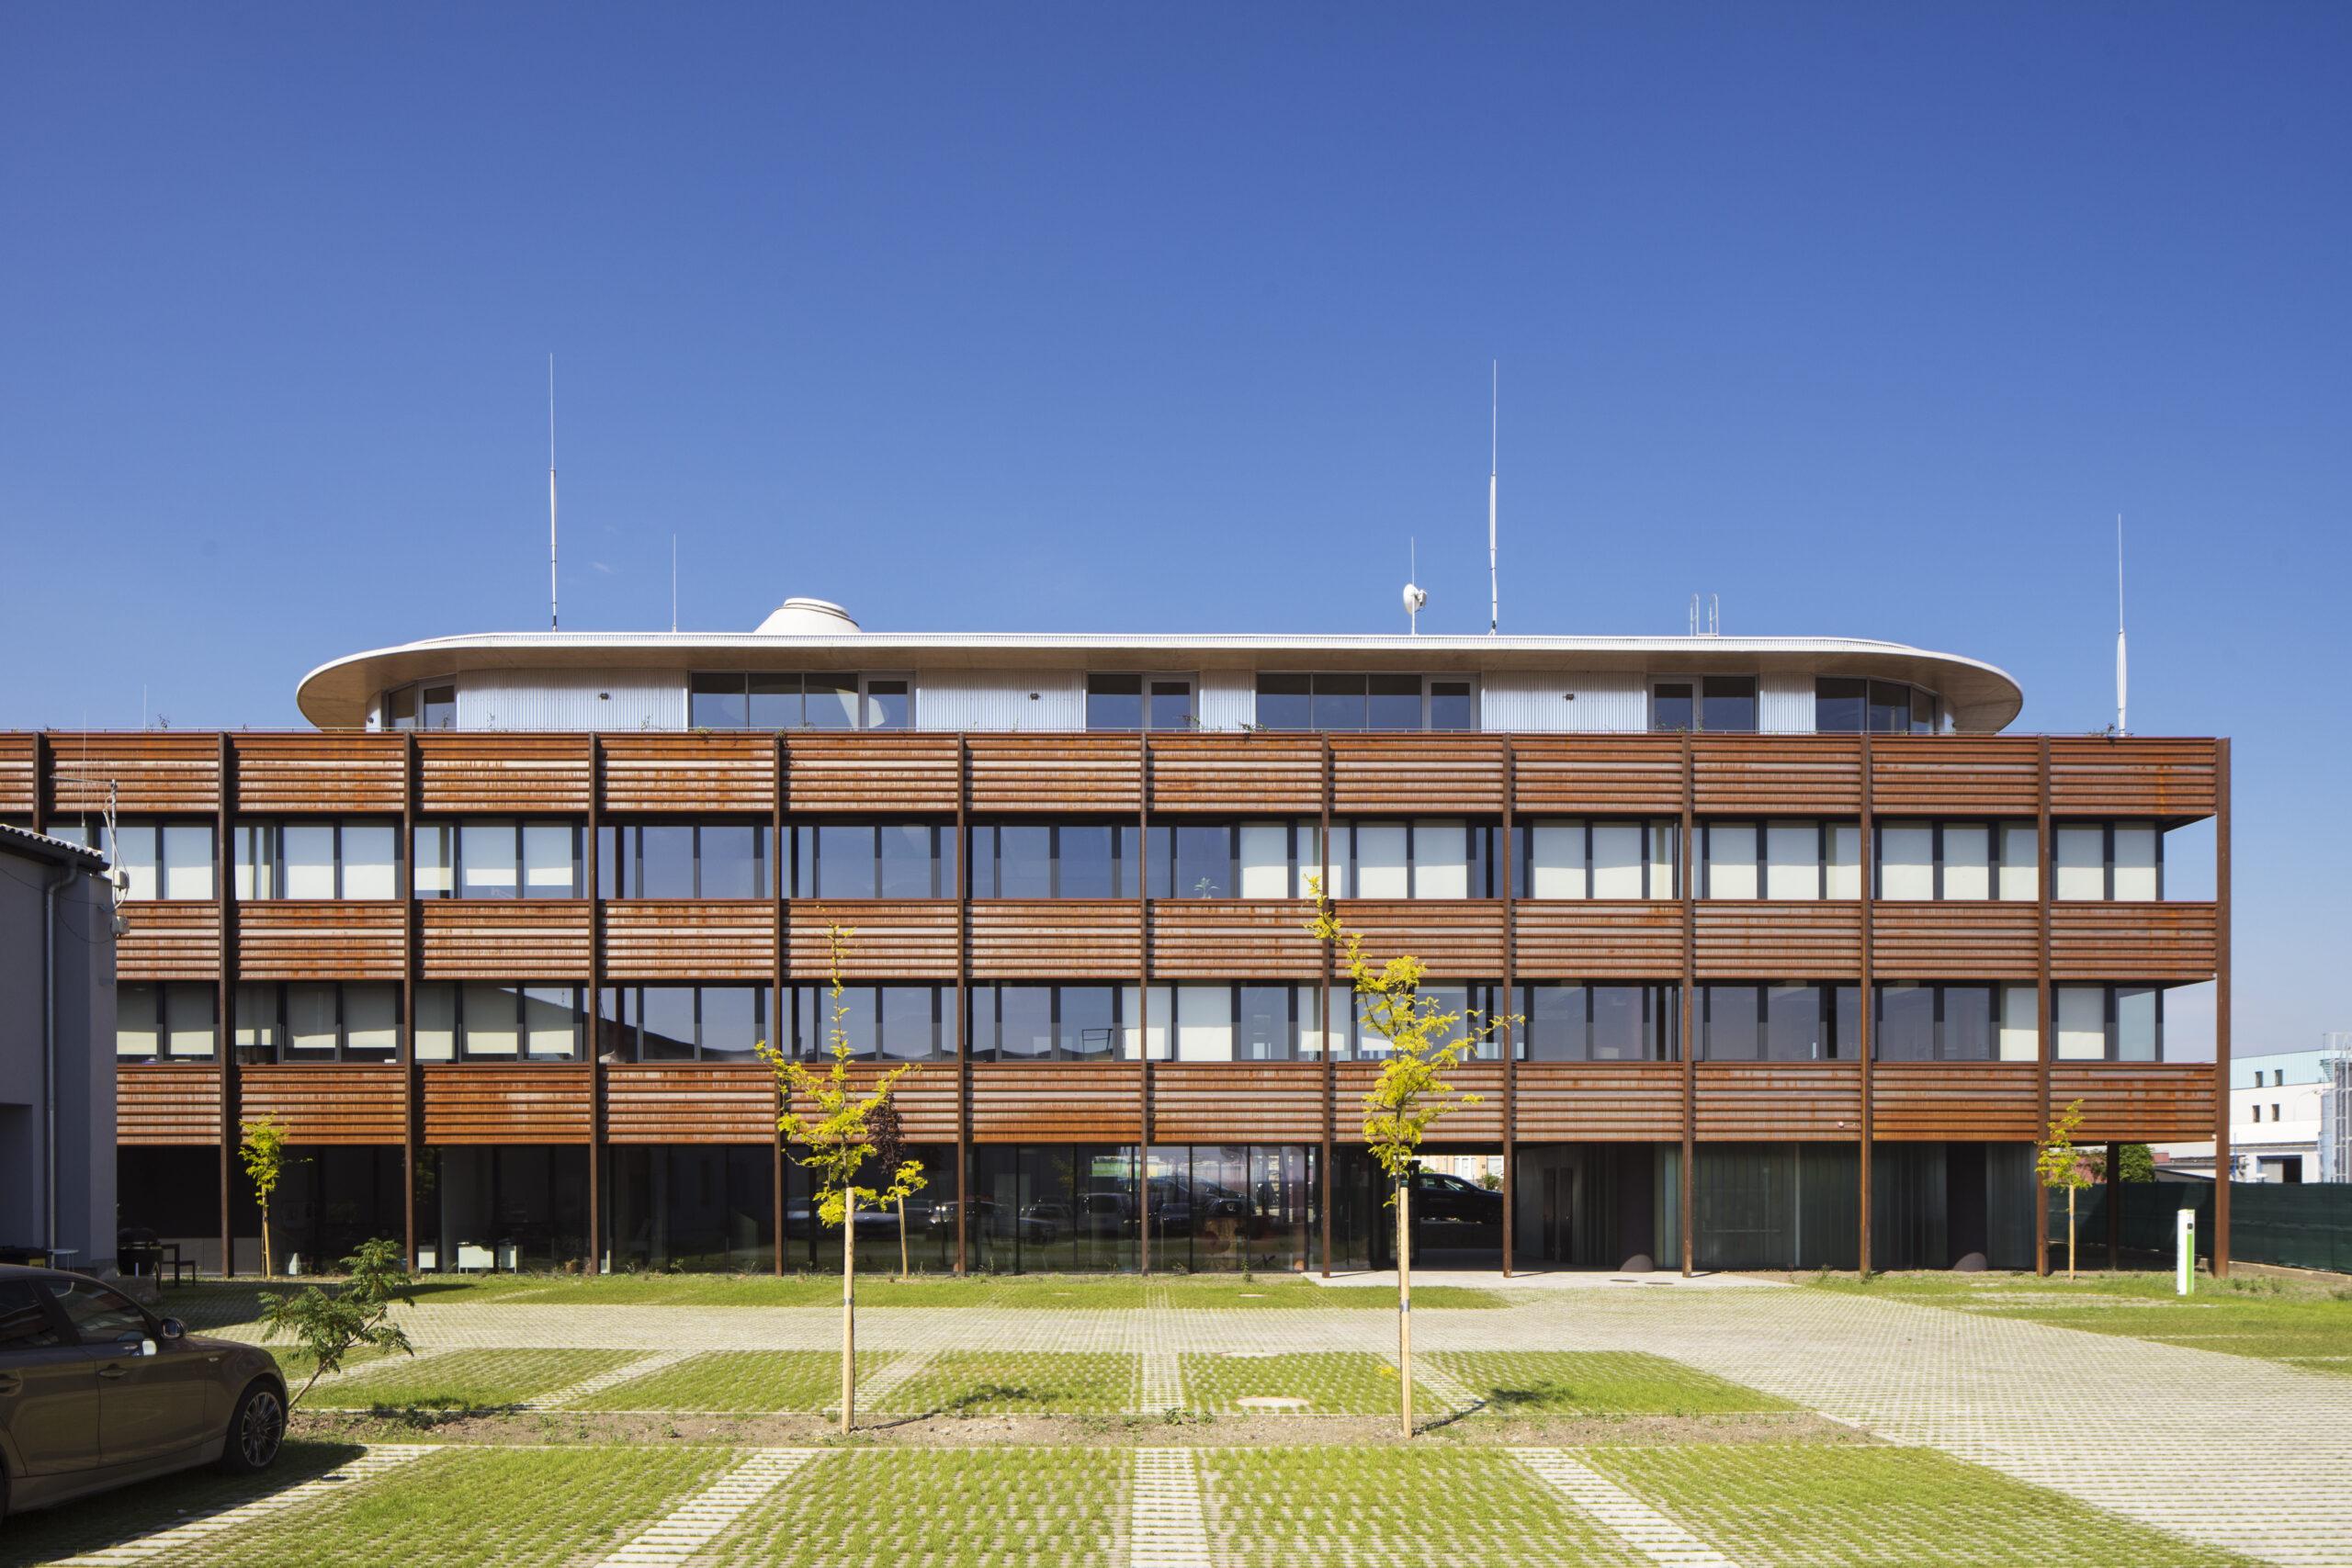 Administrativní budova Pohl CZ/ Pohl´sOffice building